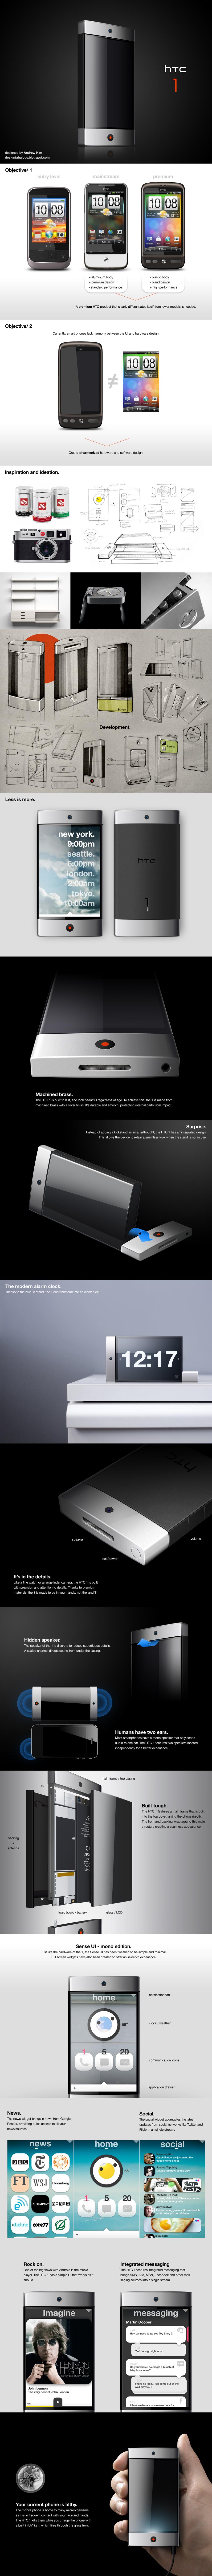 HTC1 HTC 1 : Le mobile parfait